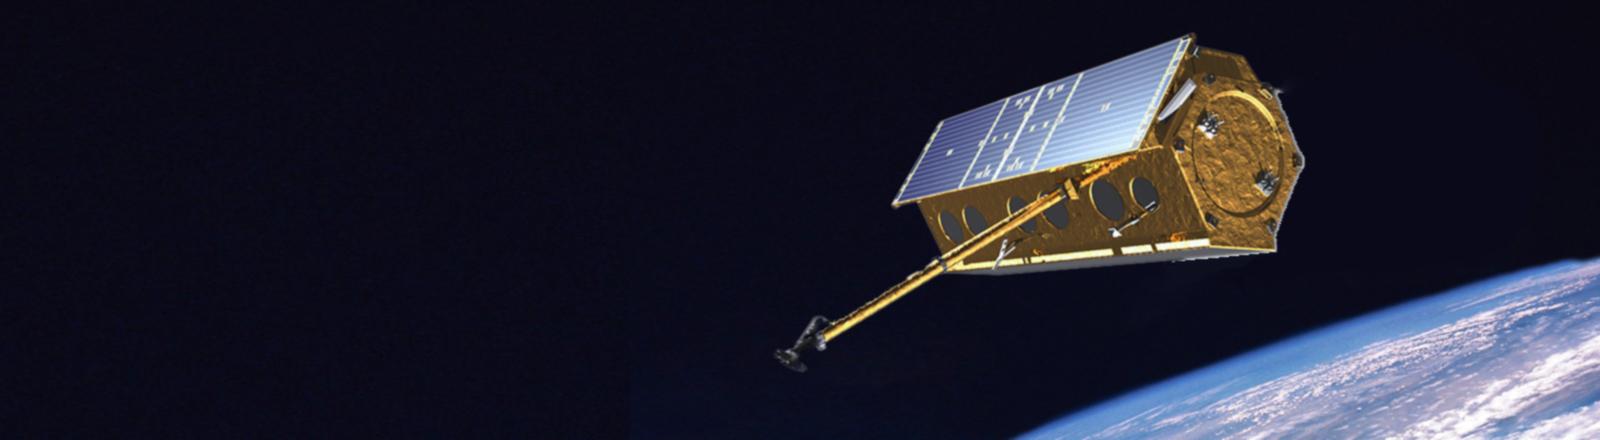 Grafische Darstellung des Satellits TerraSAR-X des Deutschen Zentrums für Luft- und Raumfahrt.